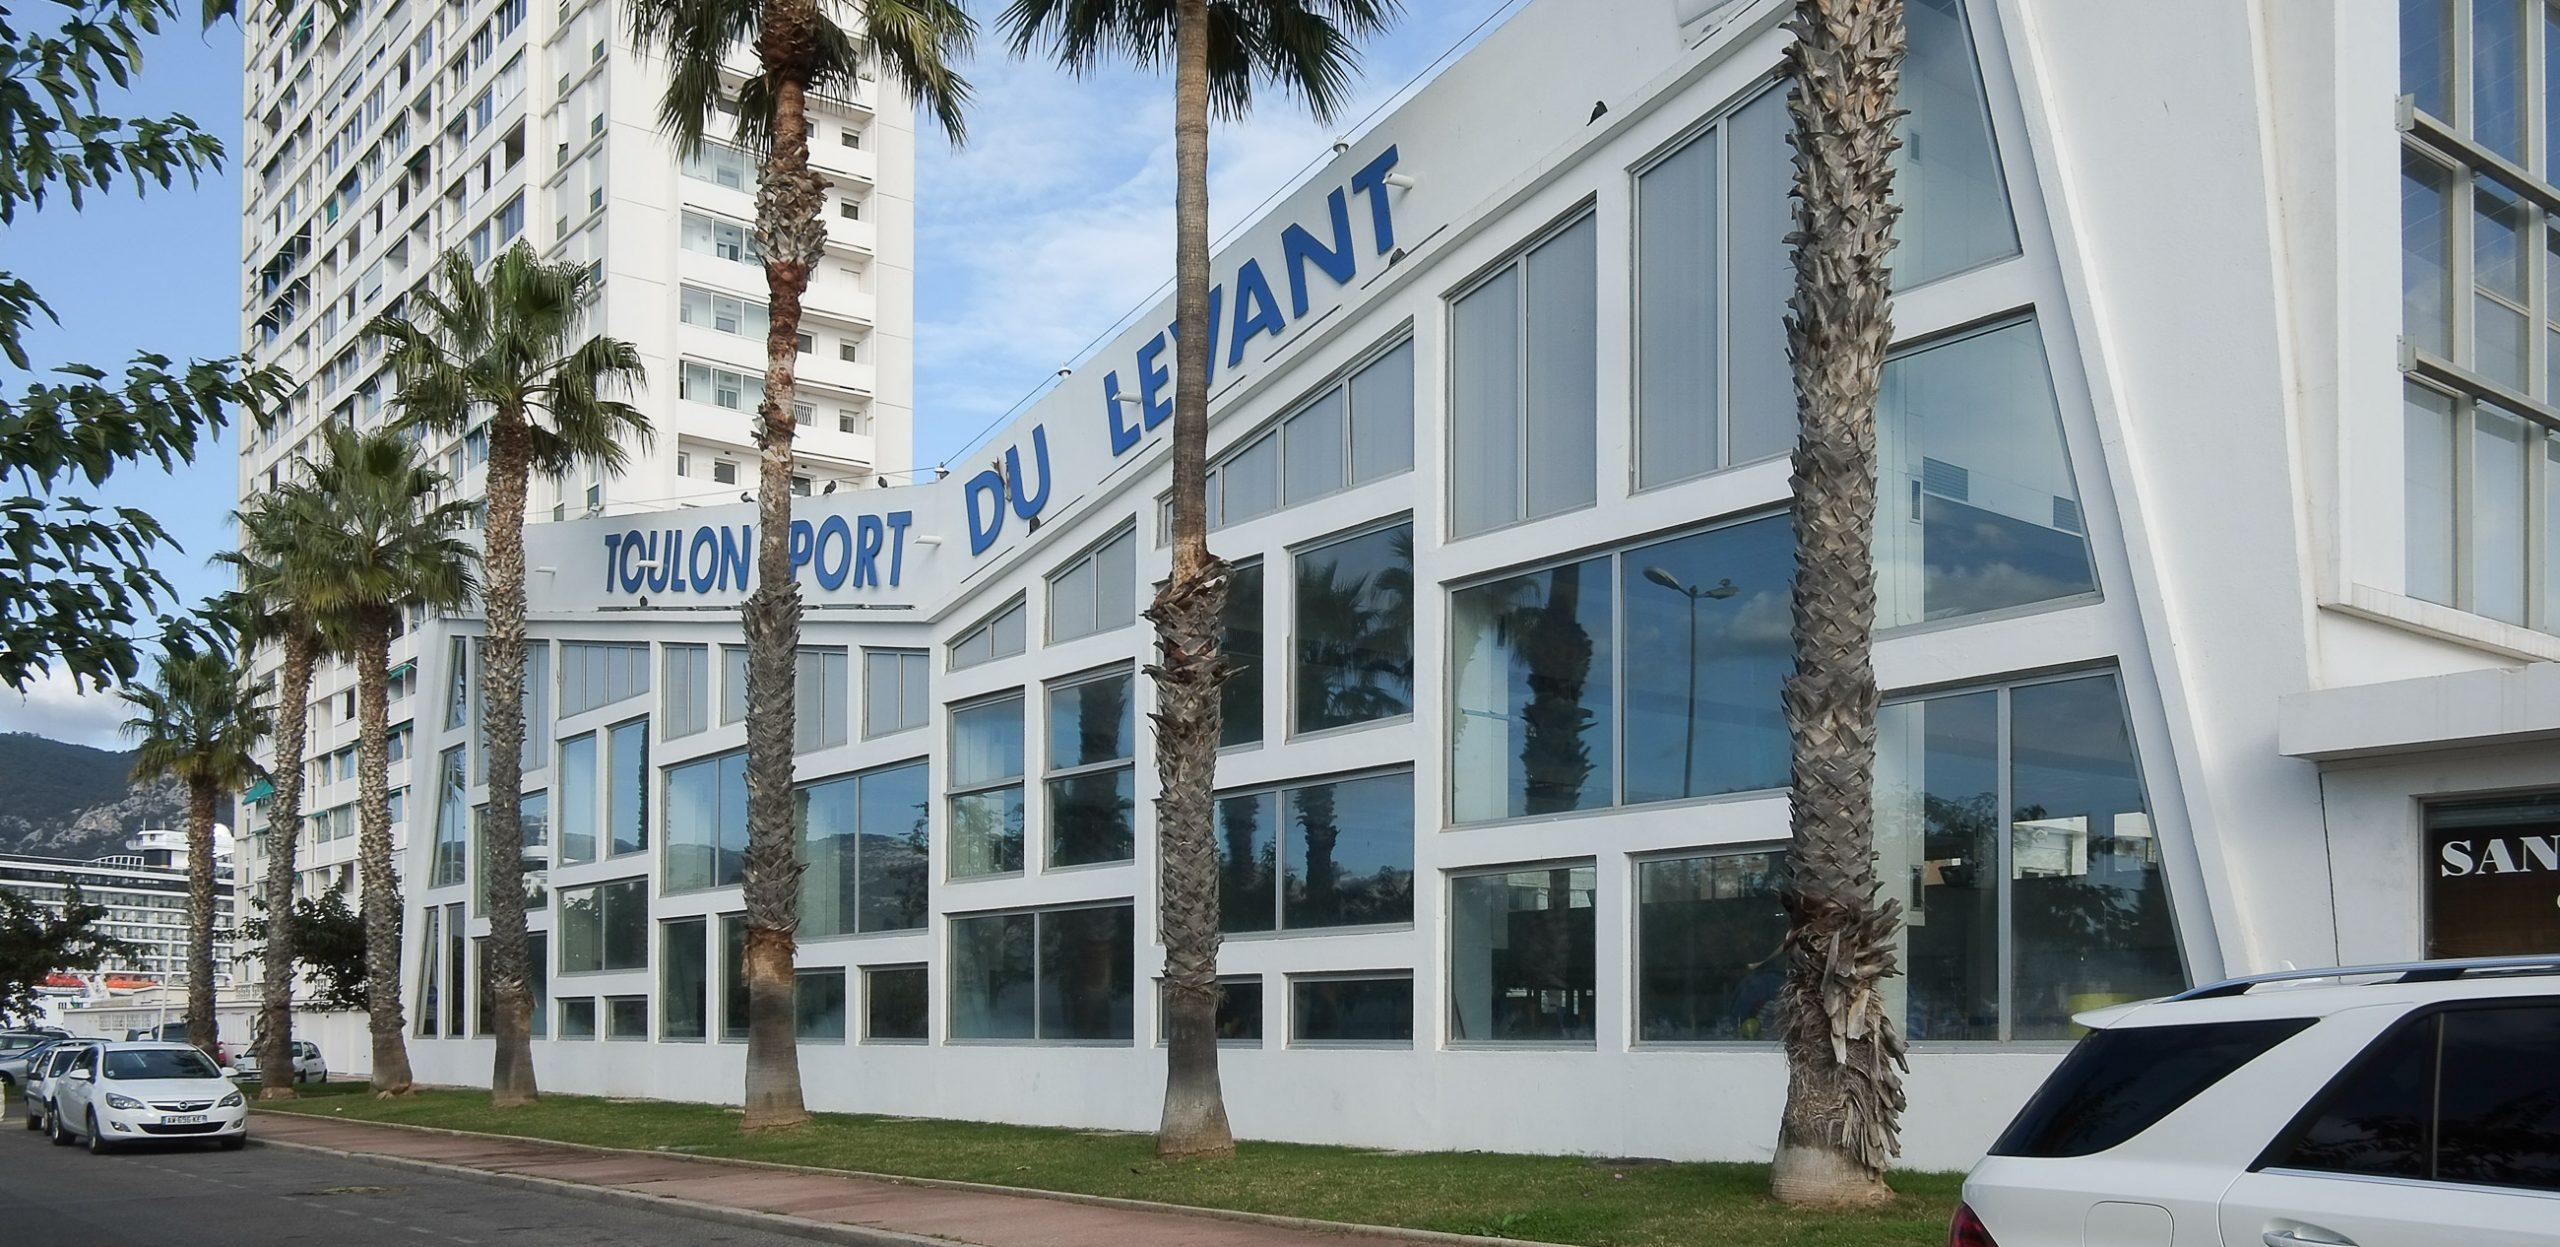 Stade Nautique | Relativ-Books#2 avec Piscine Du Port Marchand